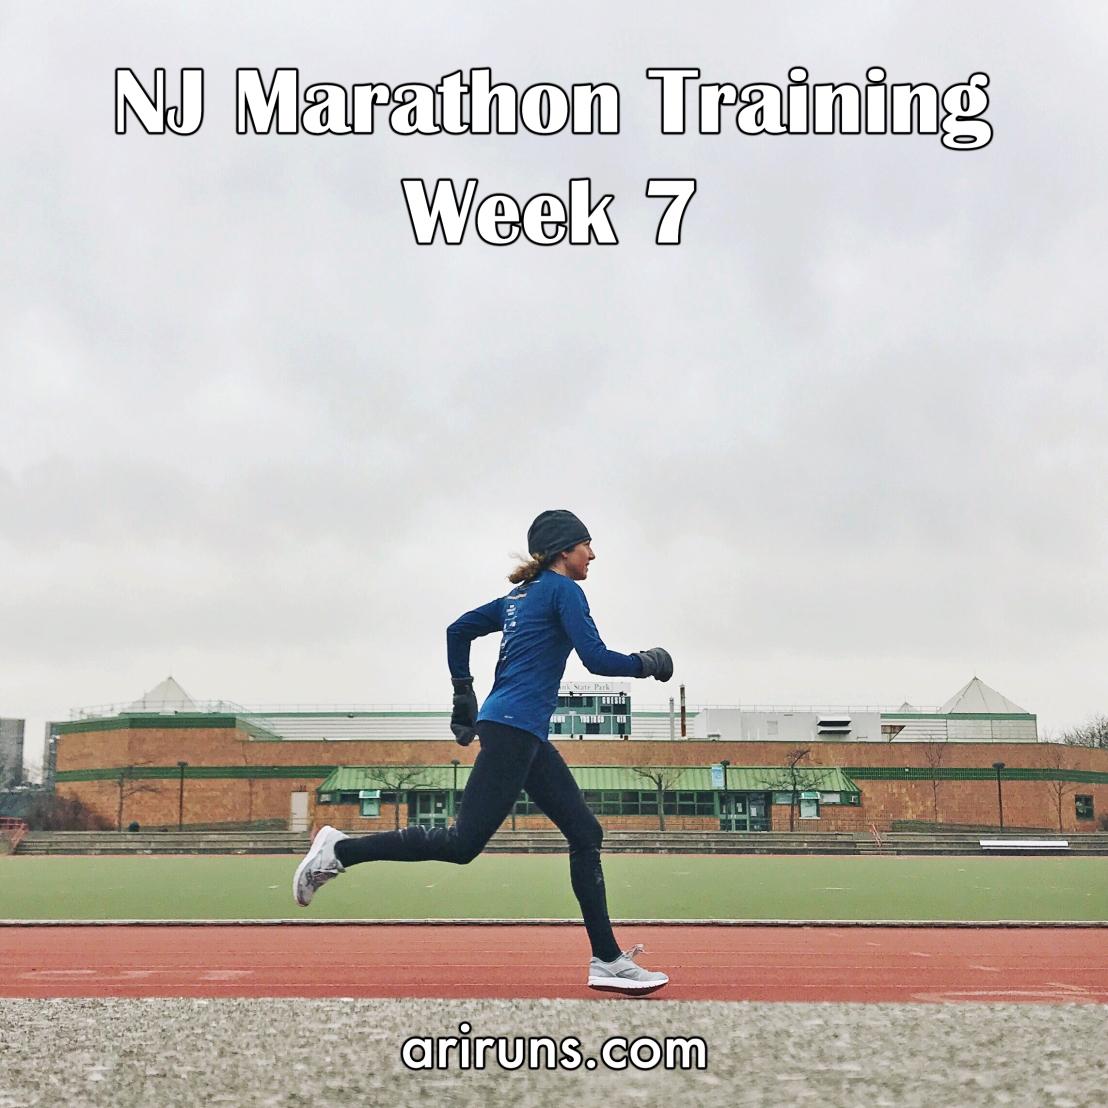 IMG_2644 NJ Marathon Training Week 7